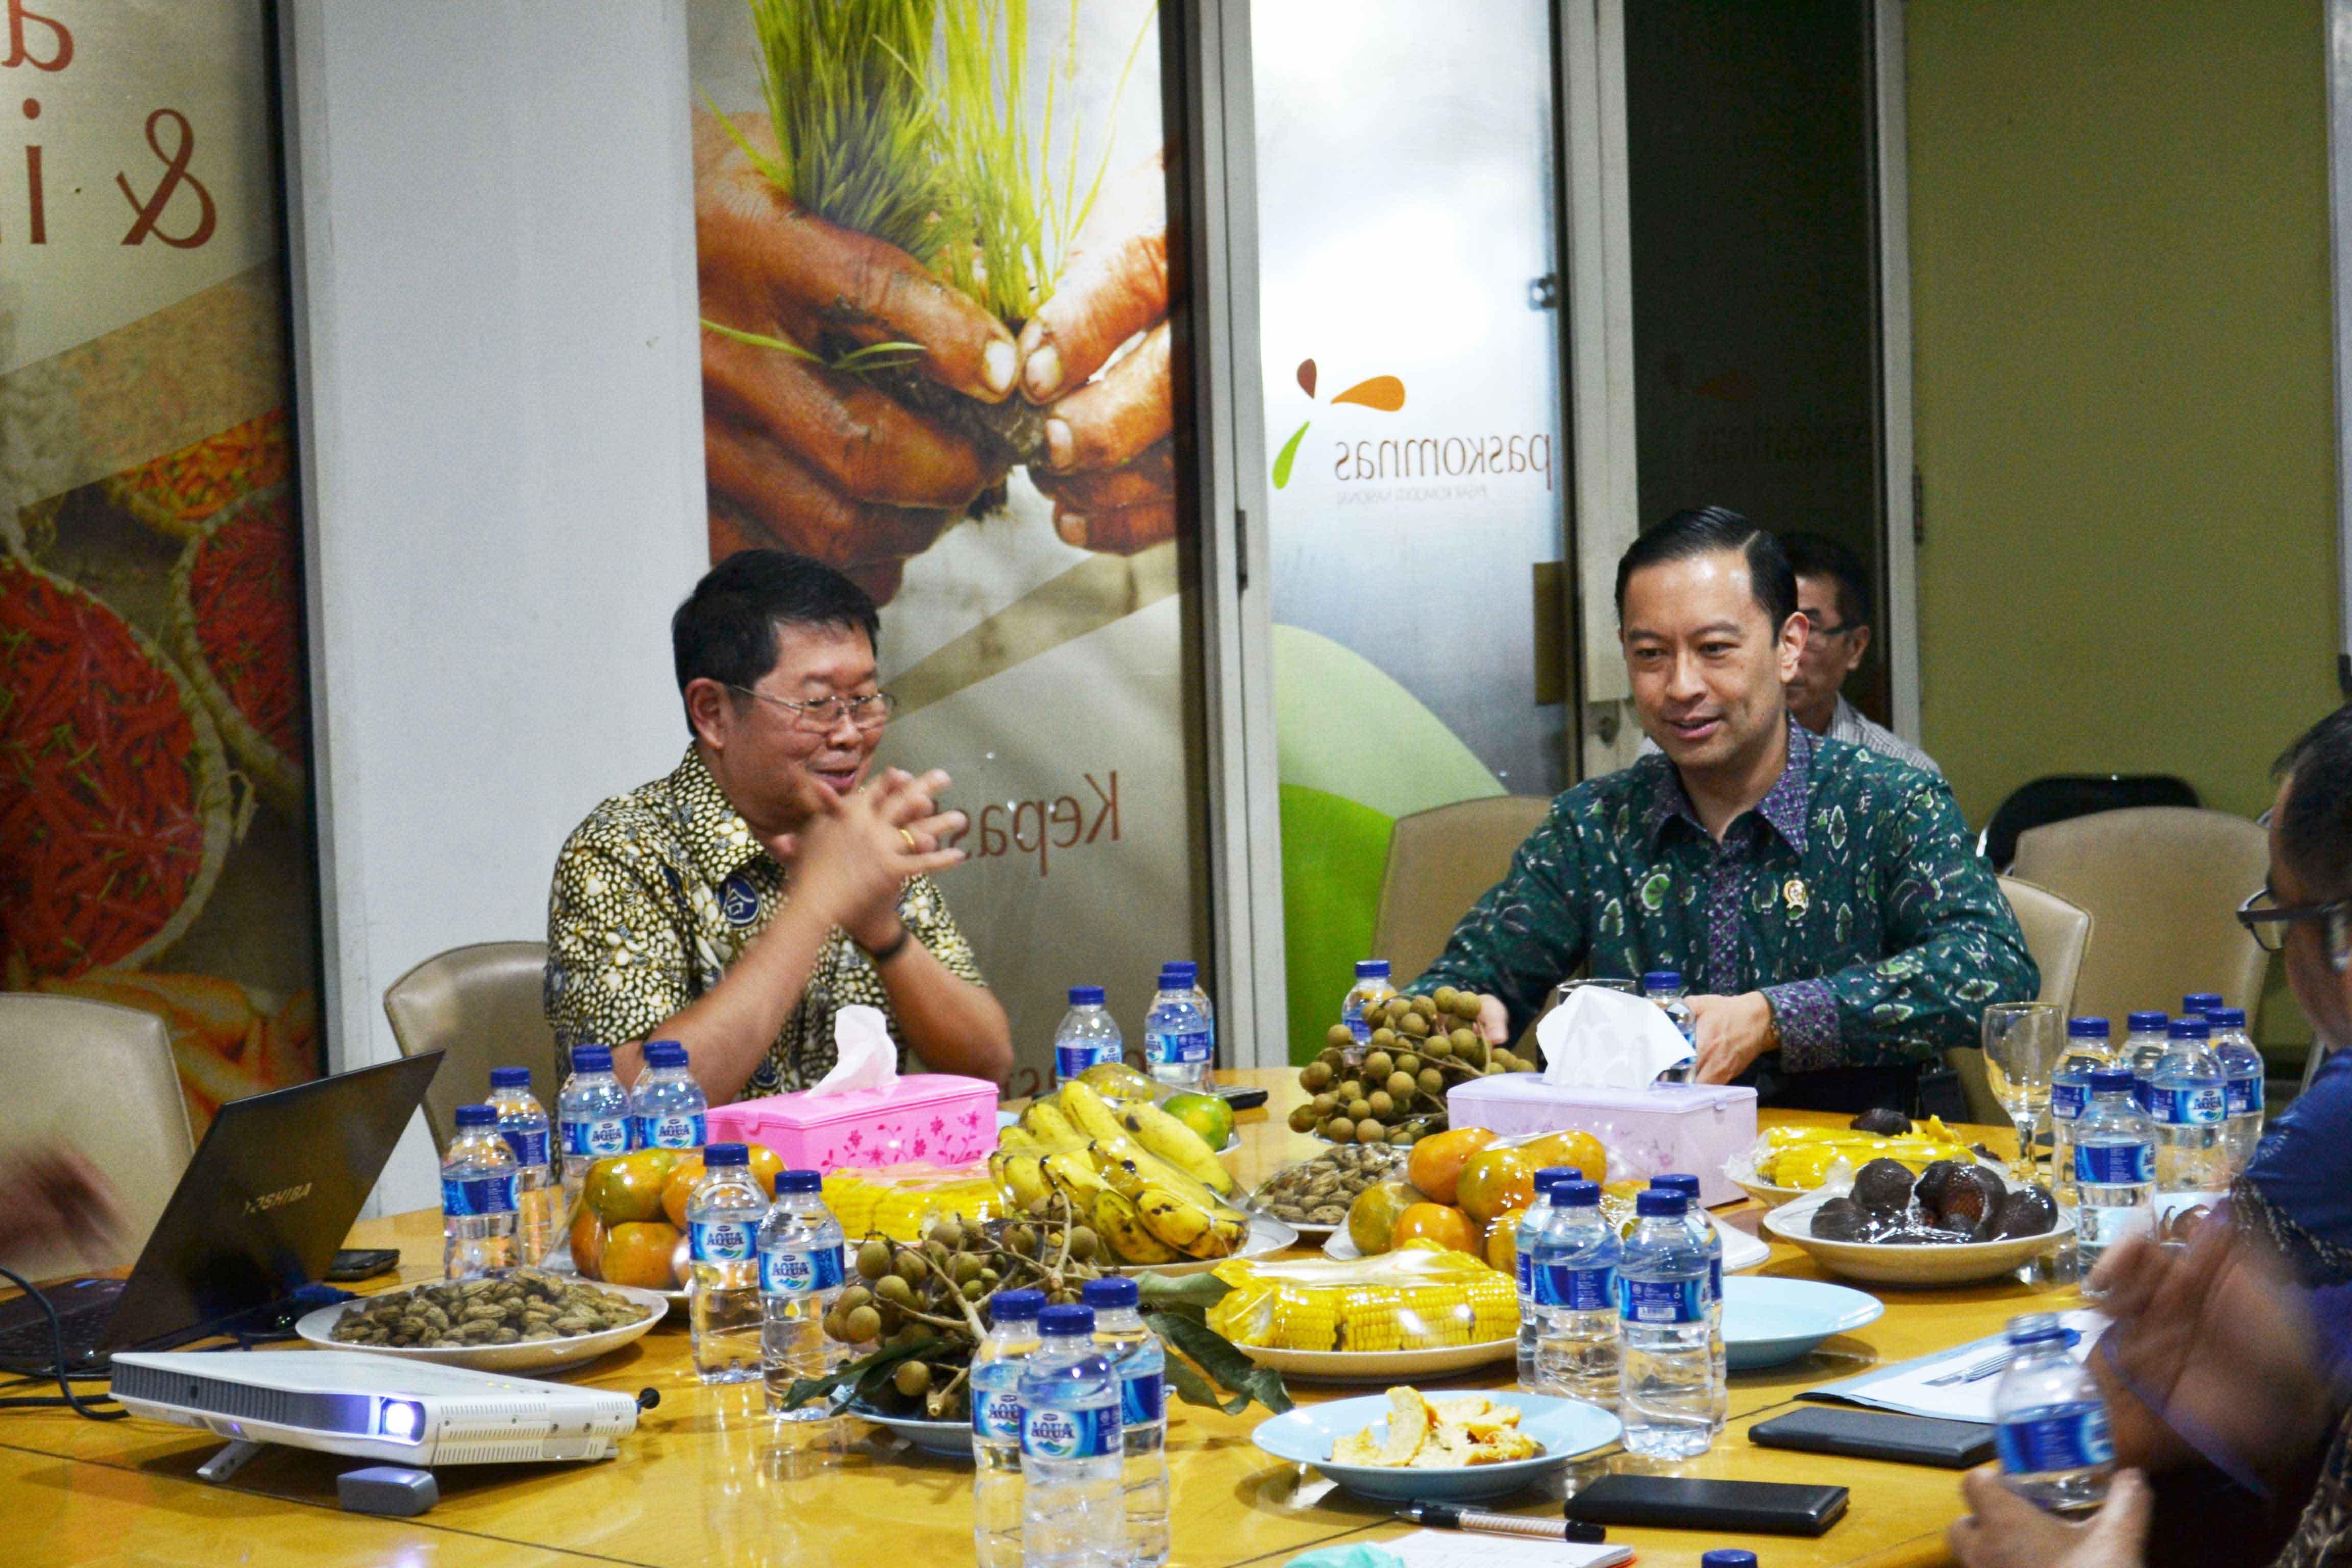 Kunjungan Pejabat Negara, Menteri Perdagangan Thomas Lembong di Pasar Induk Tanah Tinggi, Pada Tahun 2015